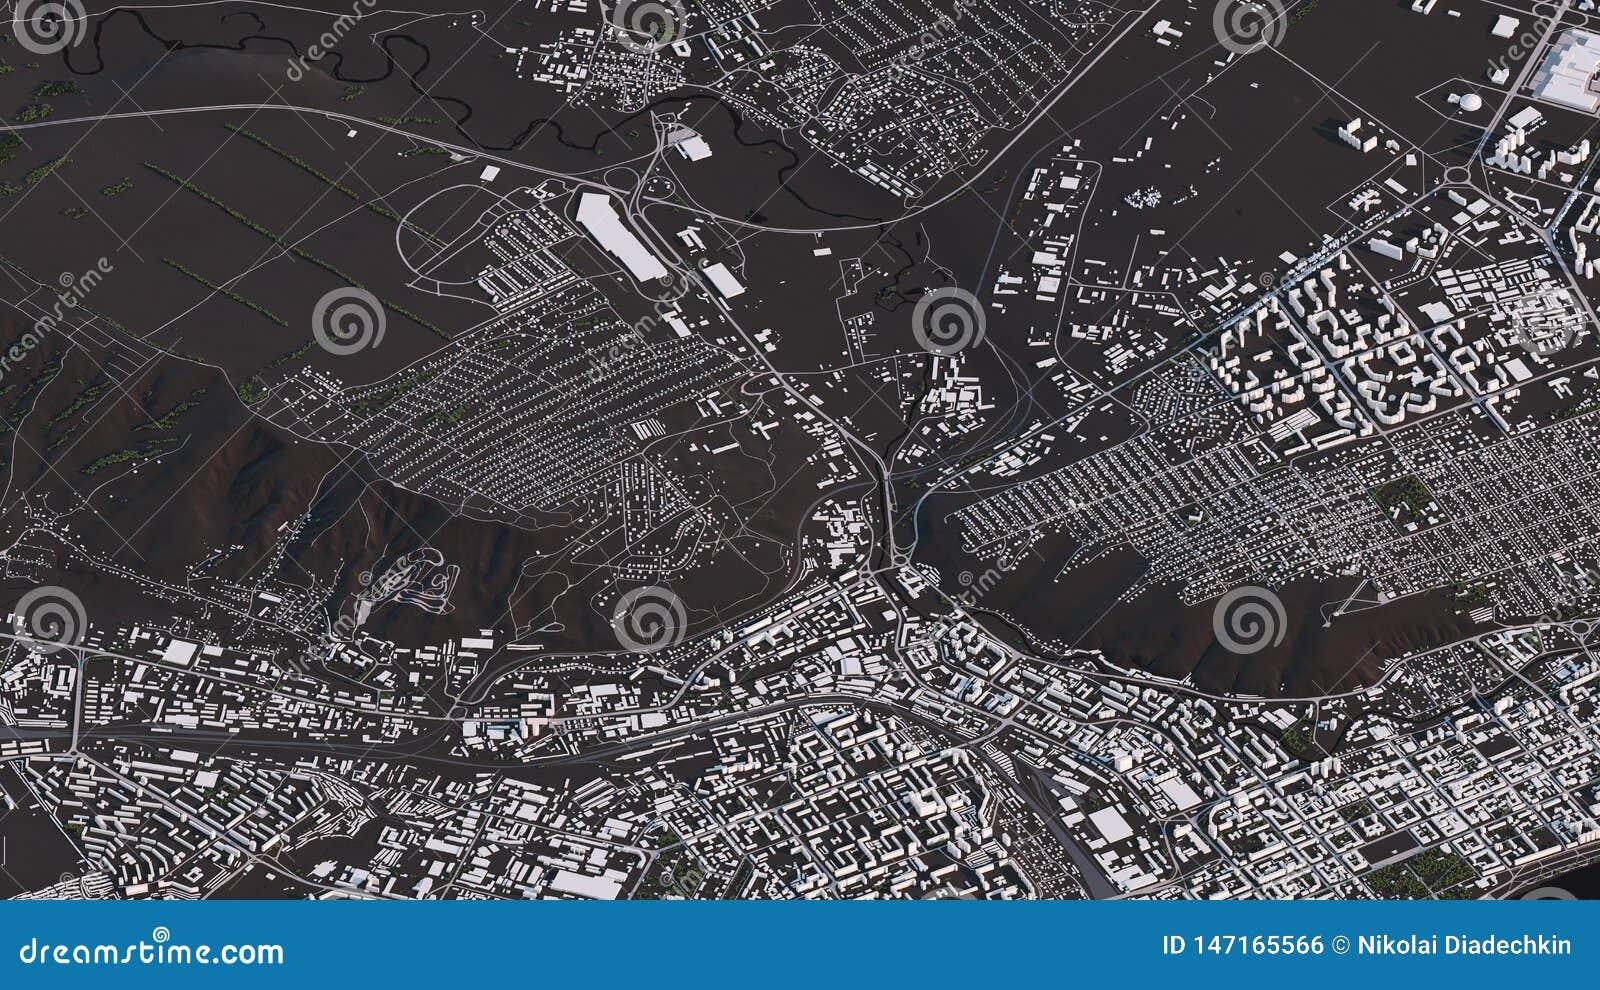 Krasnoyarsk ?versikt i isometriska v?gar och byggnader f?r landskap 3d